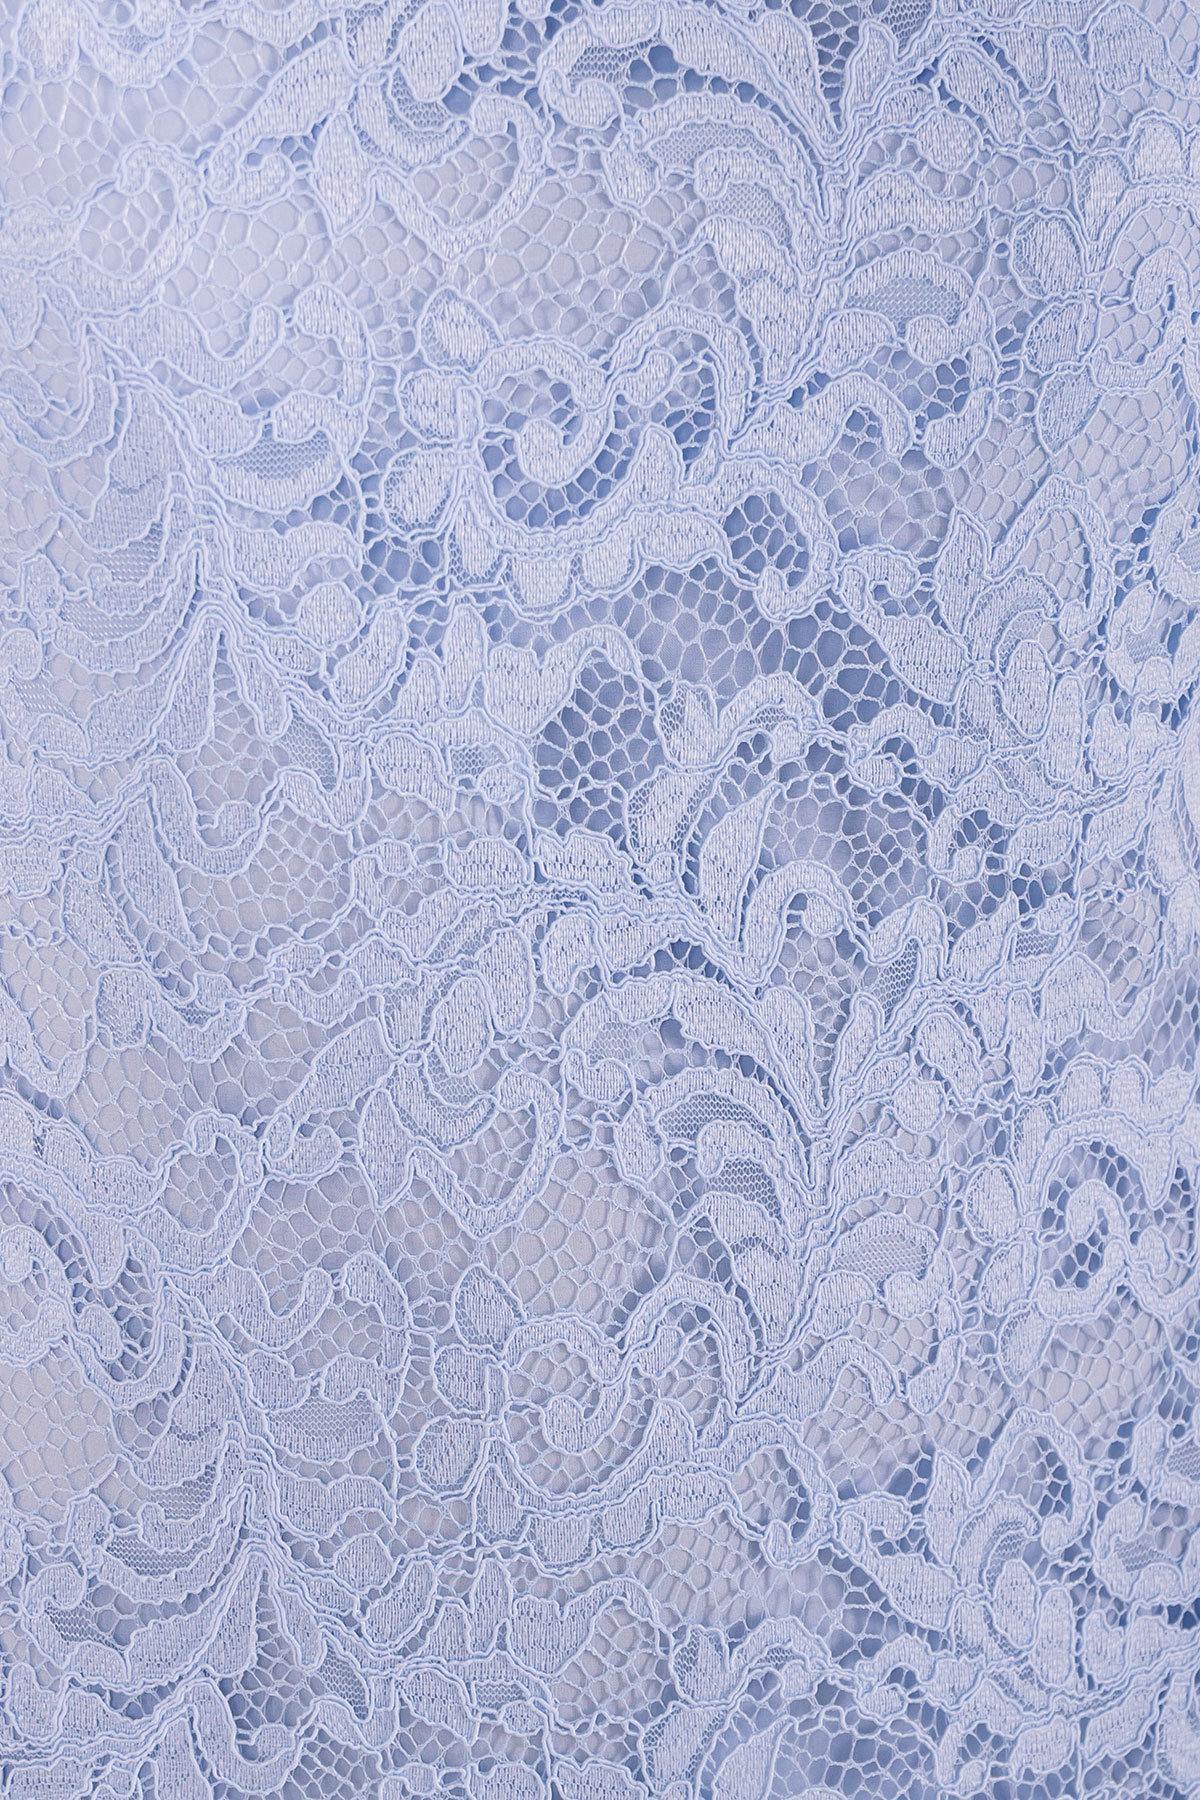 Платье Винтаж 3107 АРТ. 16056 Цвет: Голубой - фото 4, интернет магазин tm-modus.ru